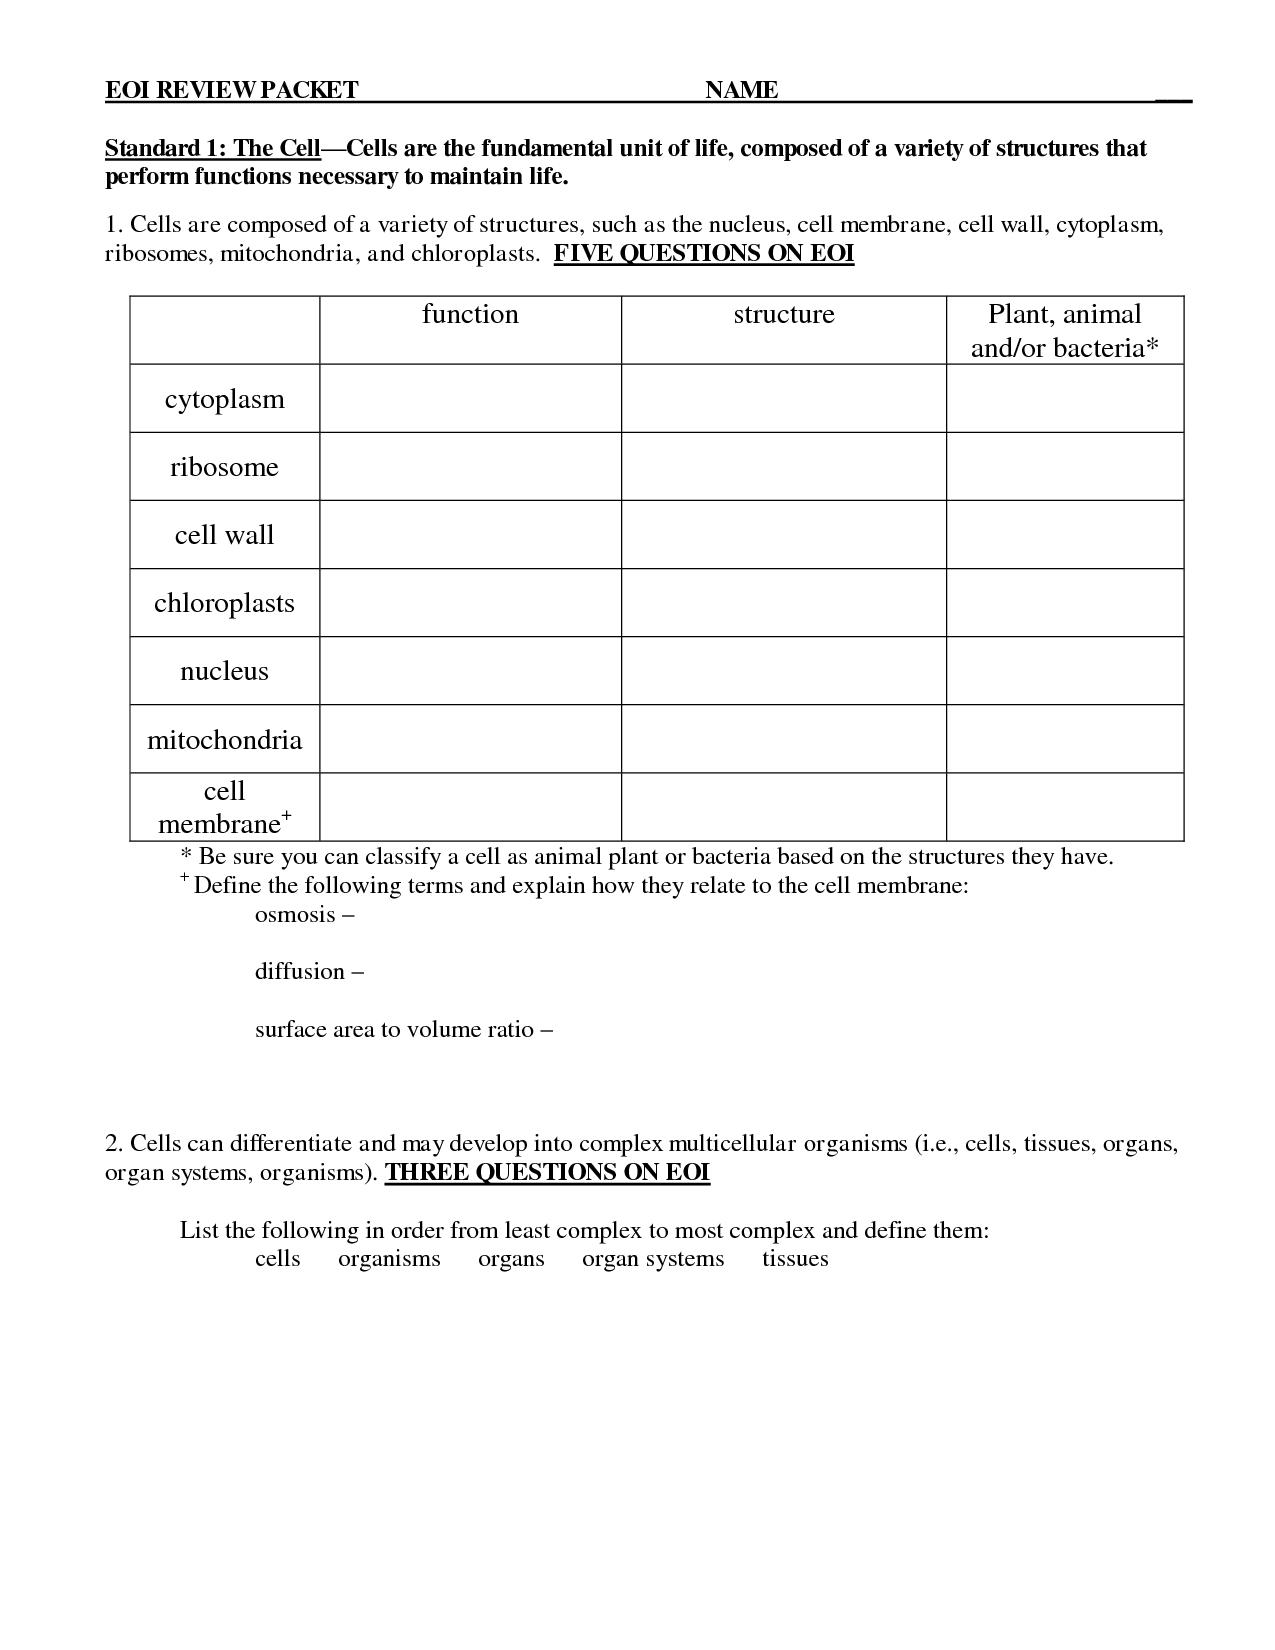 Things We Get From Plants Worksheet